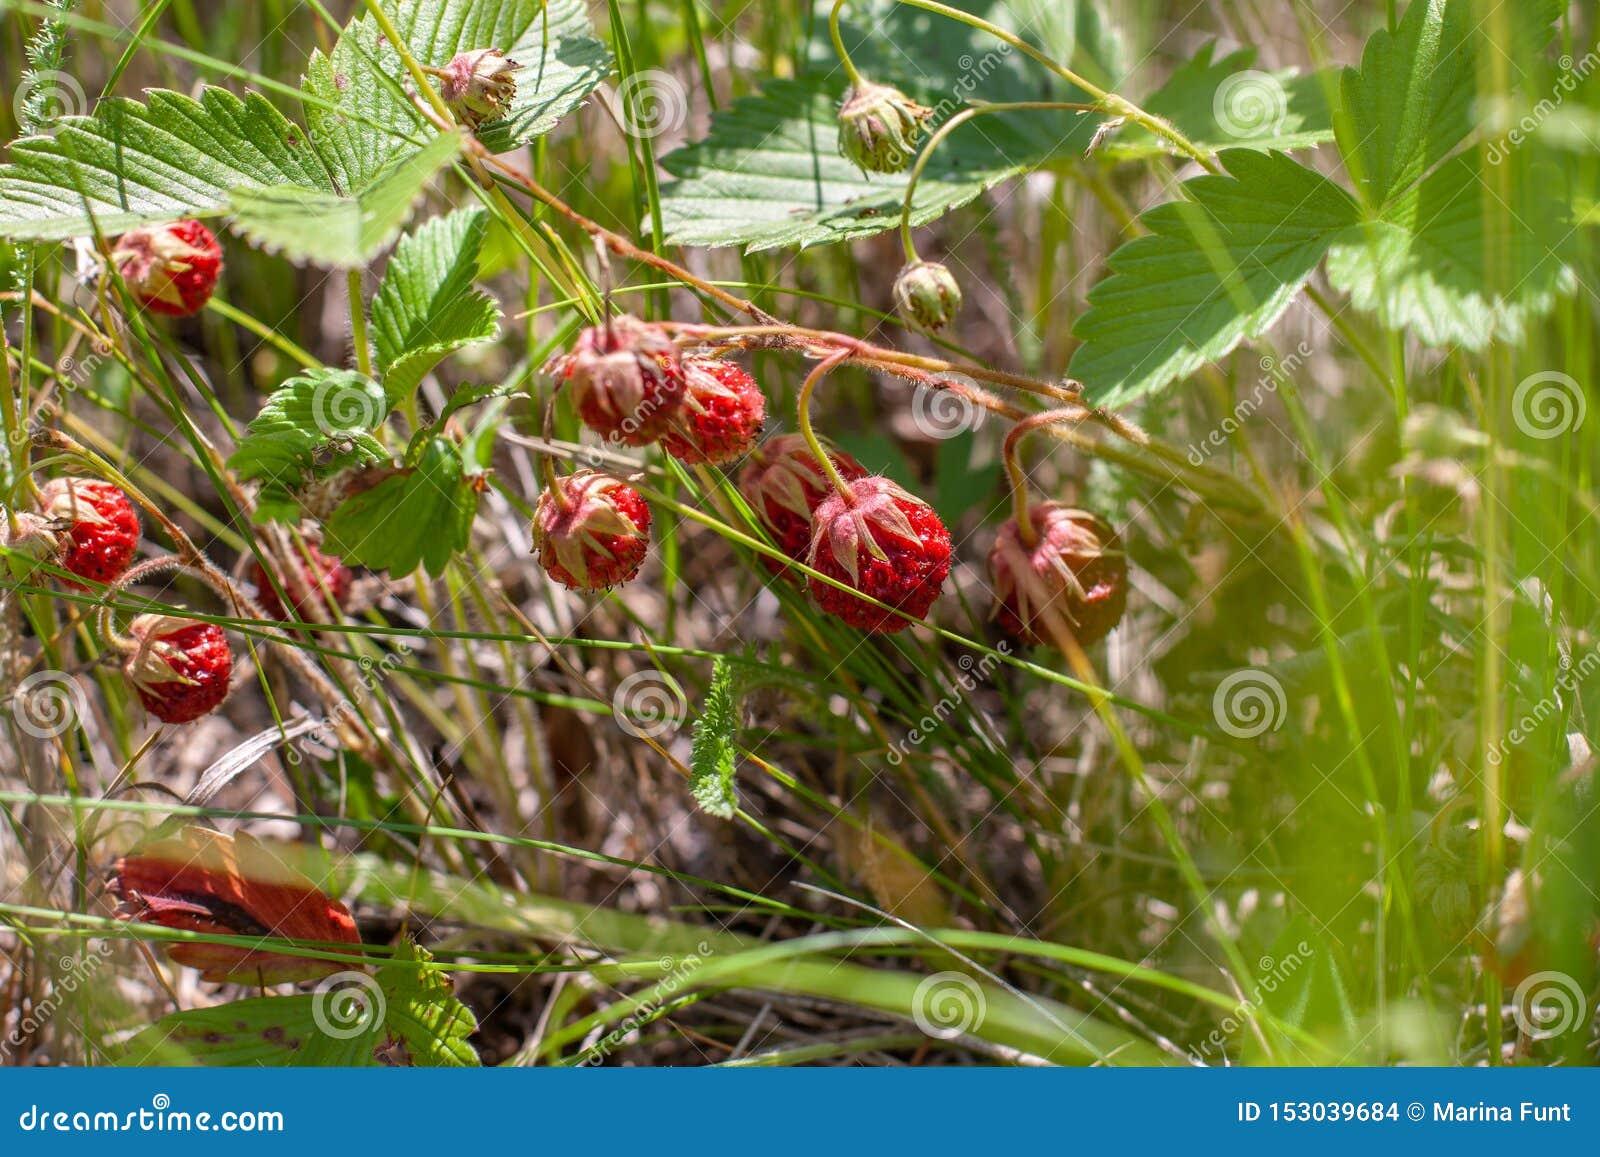 Ο τομέας φραουλών αυξάνεται μεταξύ της πράσινης χλόης r